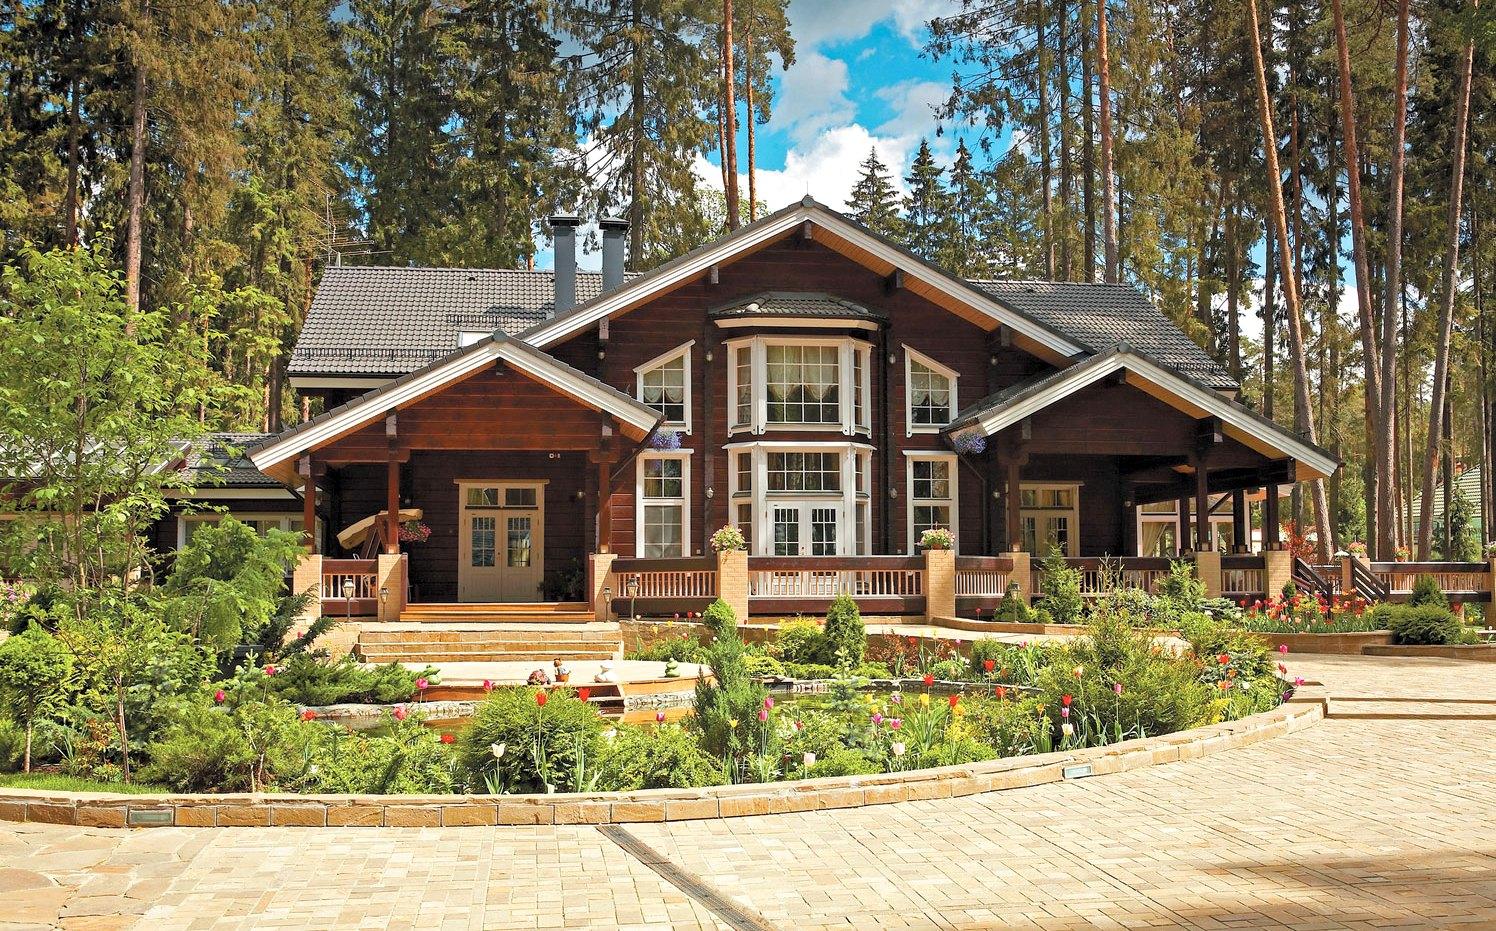 Покупаем загородную недвижимость. Как не прогадать с покупкой?